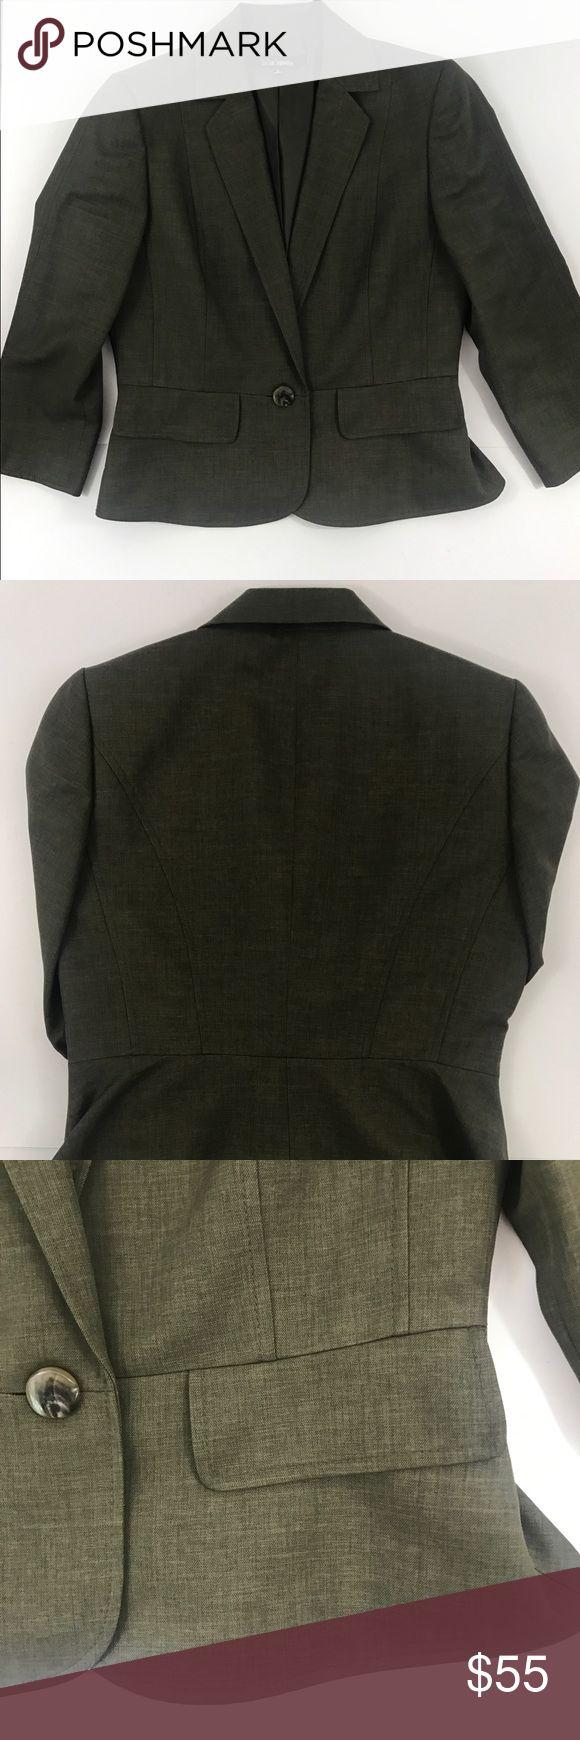 Le Suit Separates Jacket Suit Green Dark Career 6 Le Suit Separates Womens Jacket Suit Green Dark Career size 6 Le Suit Jackets & Coats Blazers